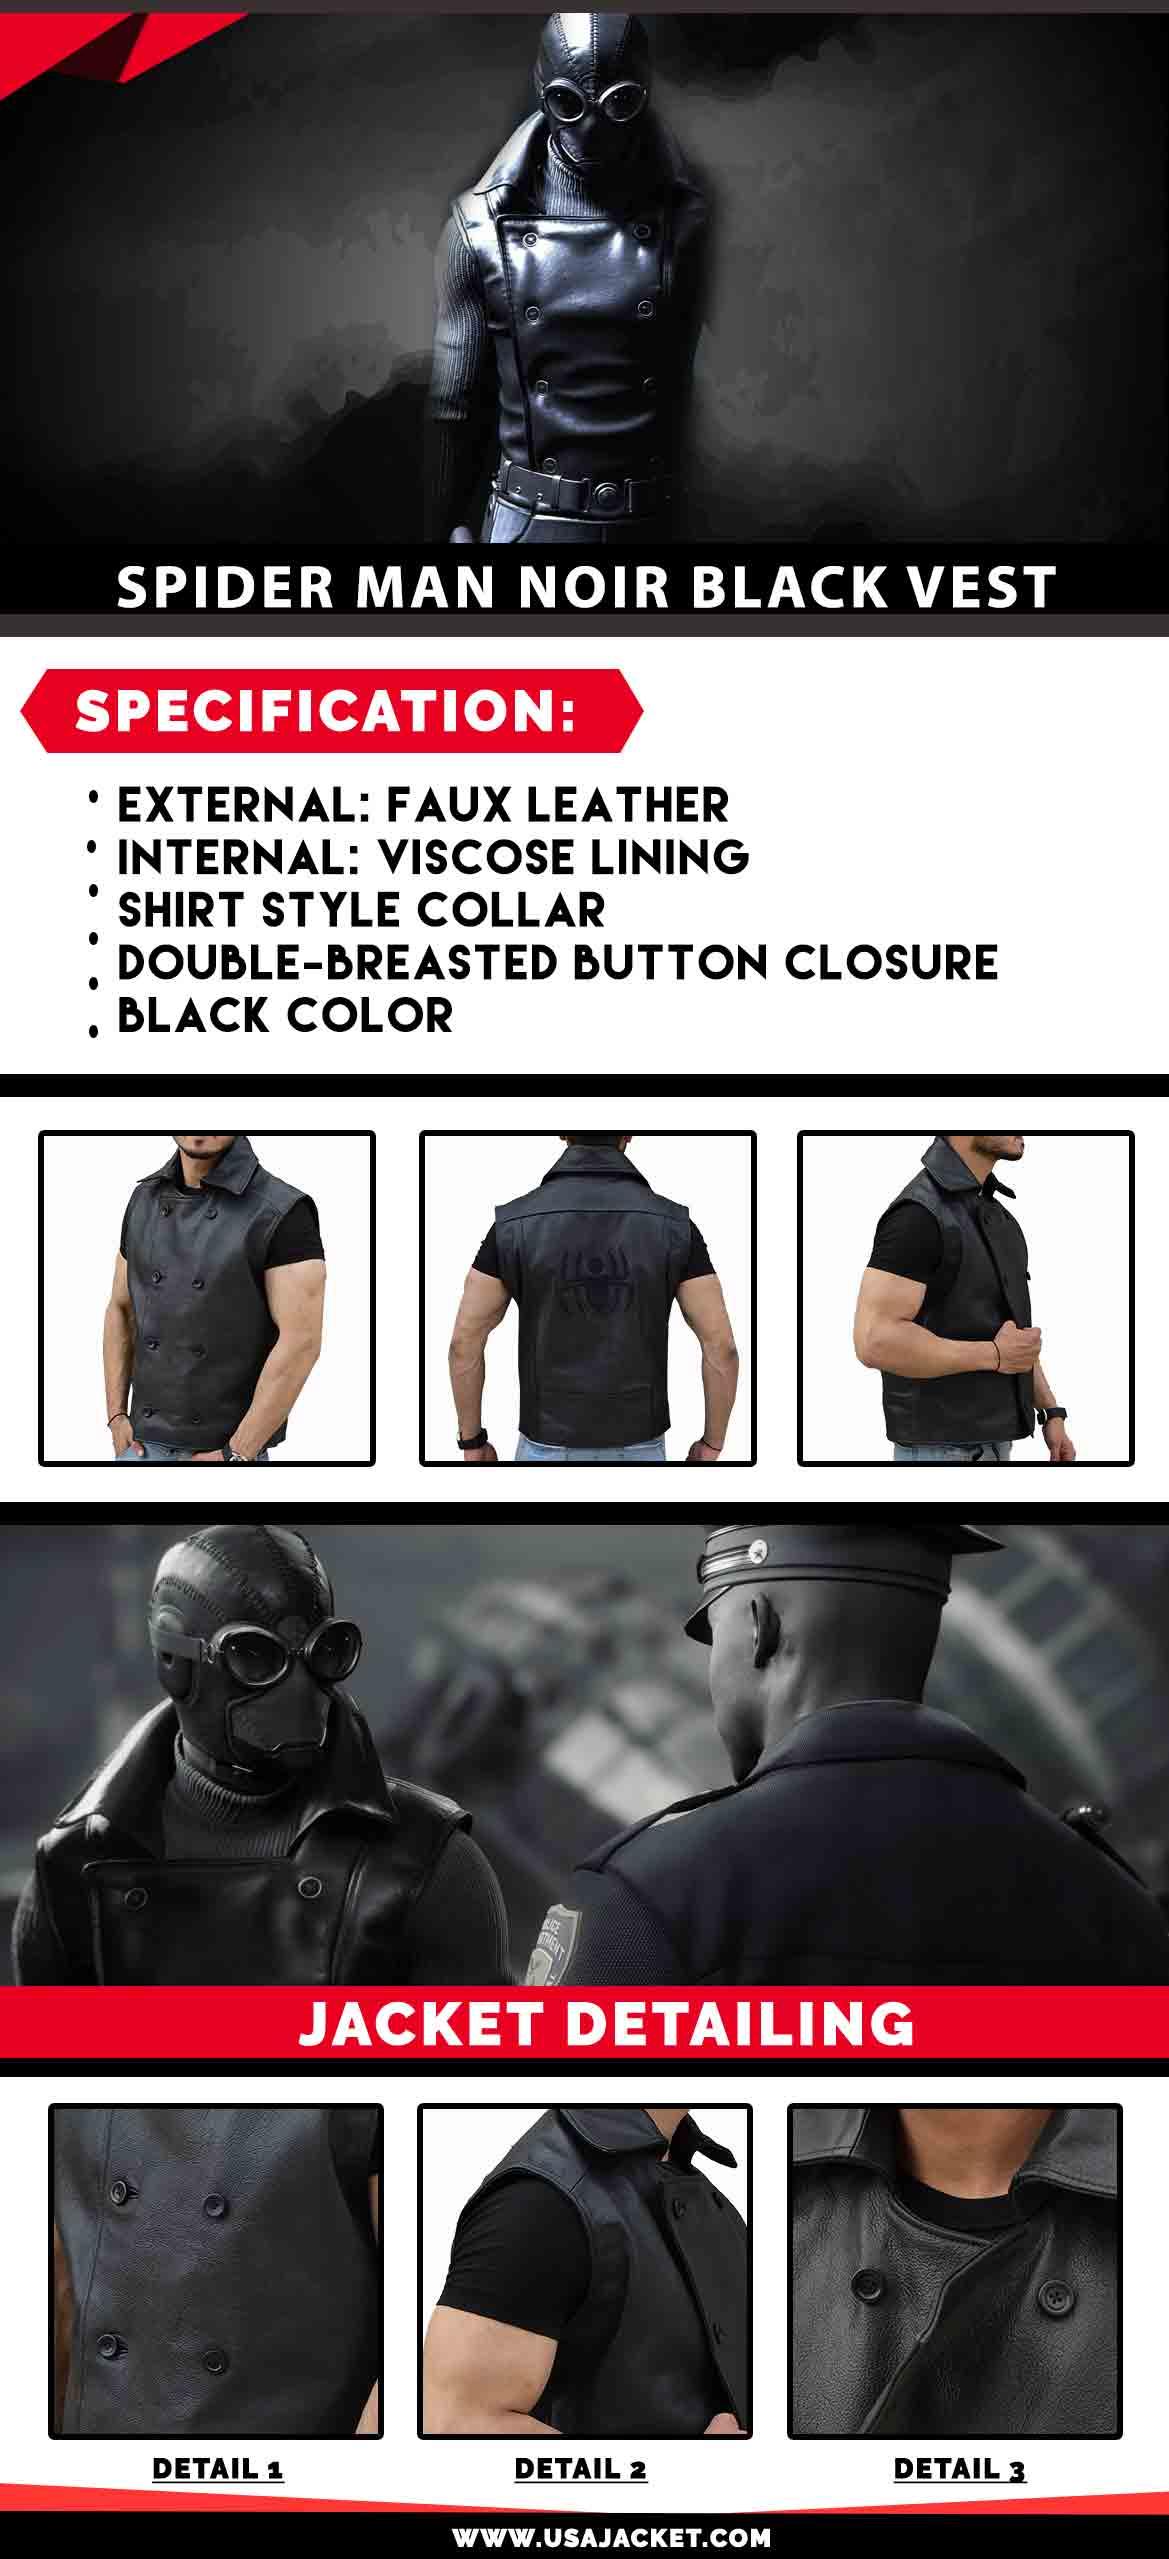 Noir Black Vest